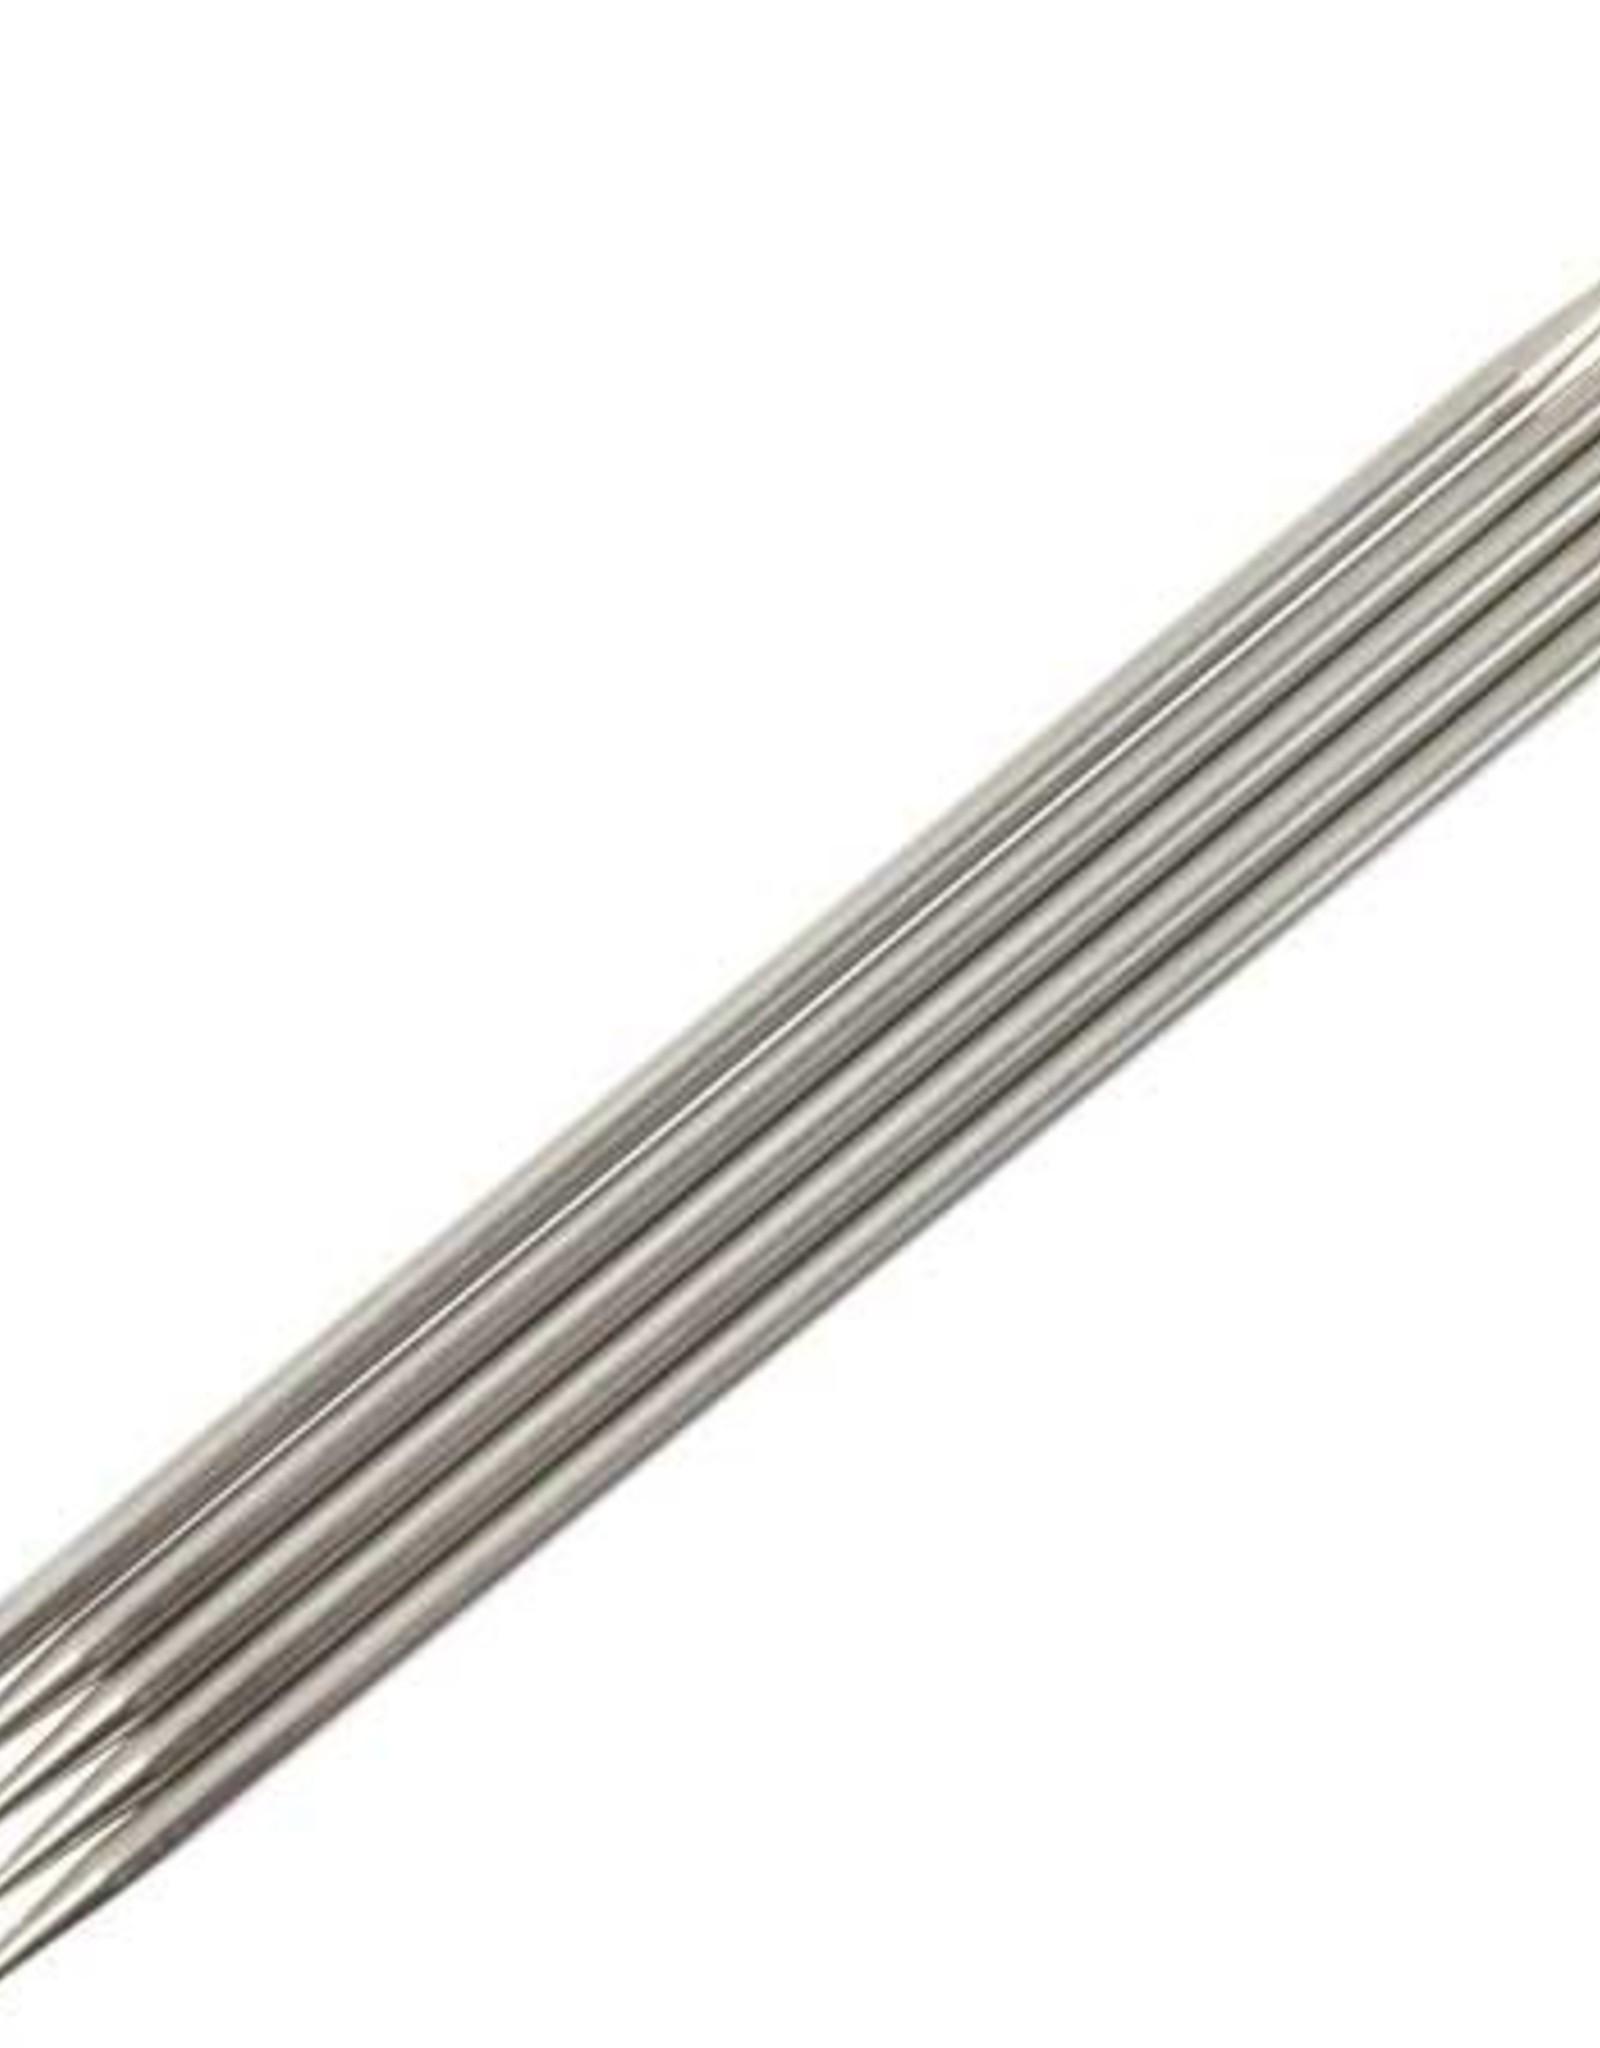 """Hiya Hiya 6"""" Steel Double Pointed Needles by Hiya Hiya"""